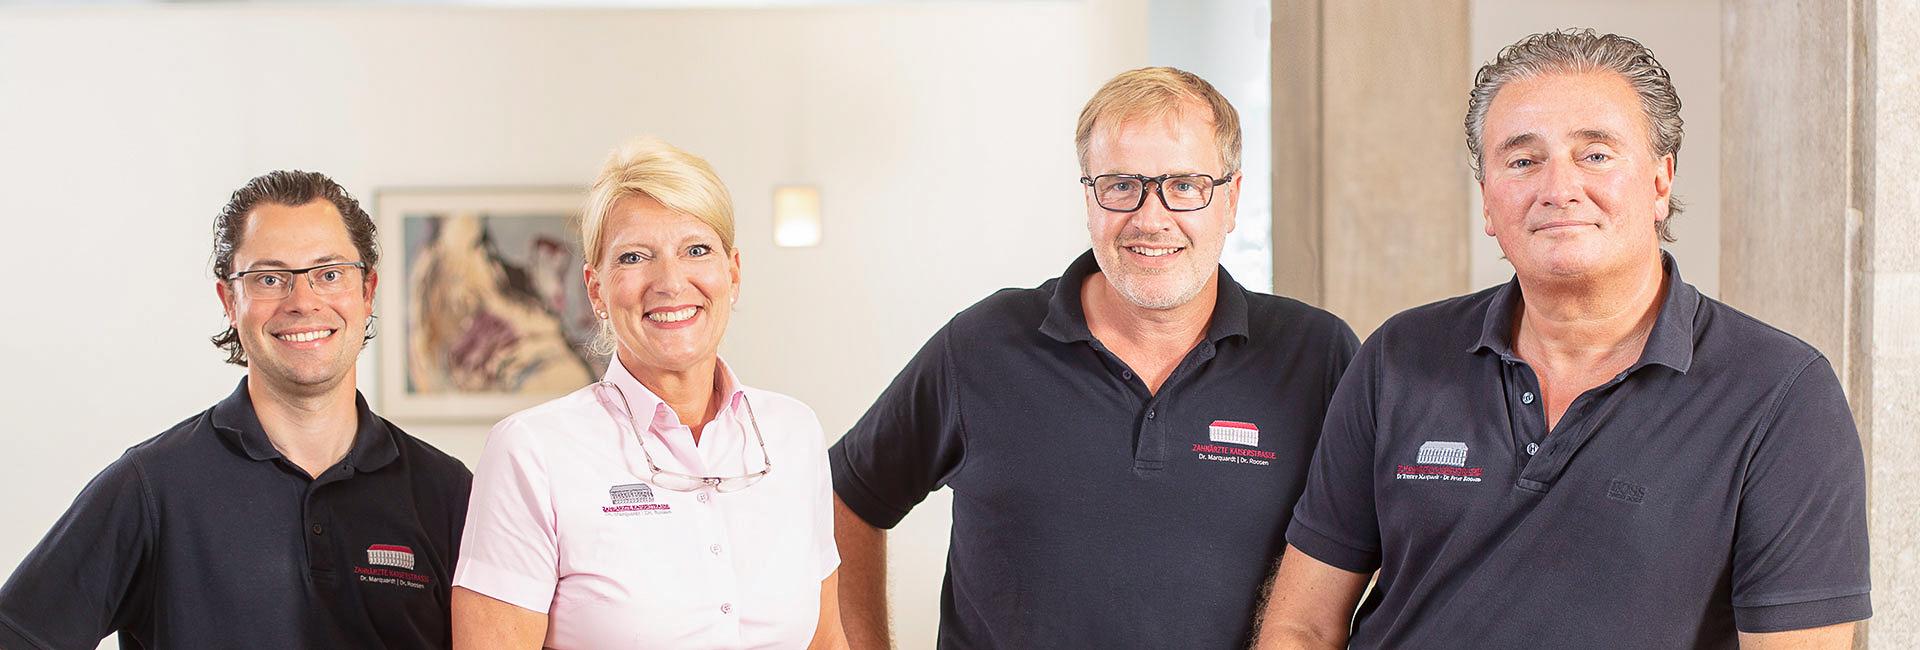 Patientenstimmen - Zahnärzte Kaiserstrasse in Mülheim an der Ruhr